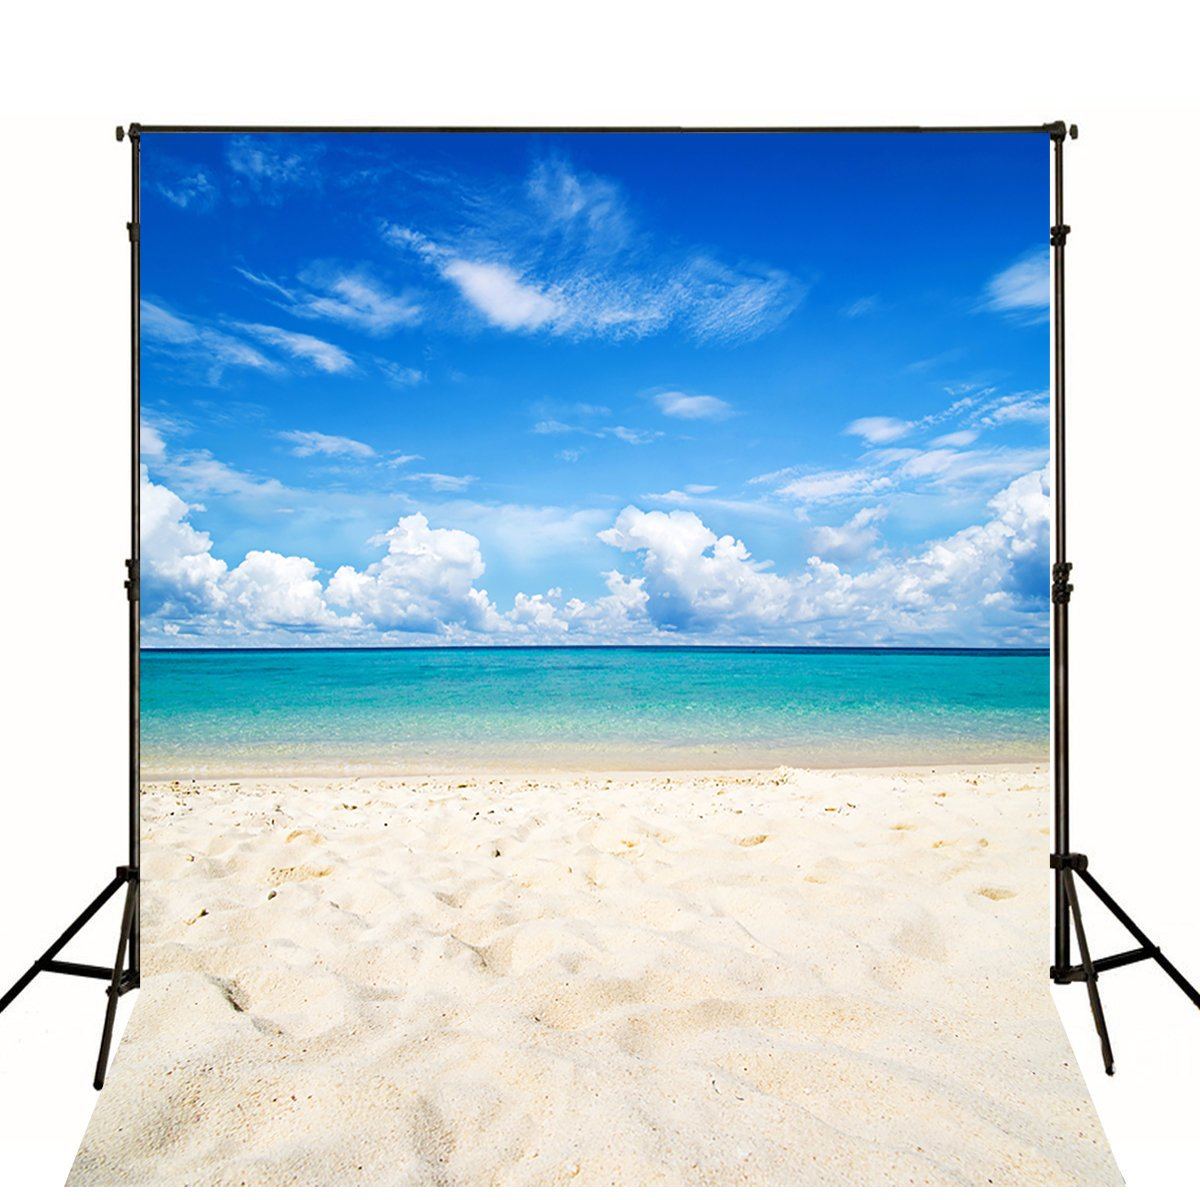 2019人気特価 6.5 cm X 10ft Backdrop ( 200cmx300 cm ) Beach Backdrop B072C439M4 Photo Studio印刷海の背景幕背景砂ブルースカイfor Photographyer B072C439M4, ノダムラ:f5bc8a34 --- arianechie.dominiotemporario.com